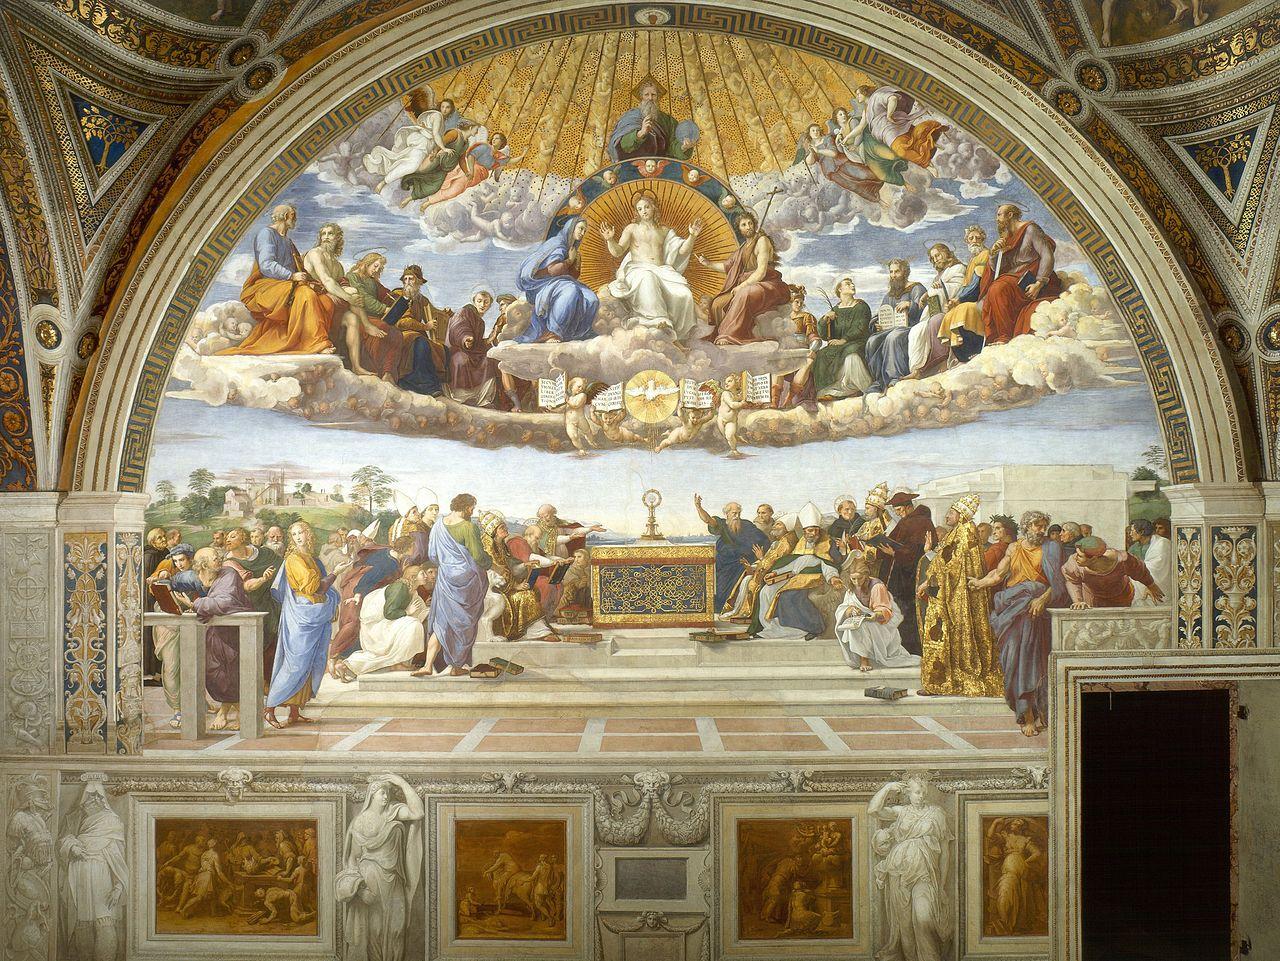 La disputa del Sacramente de Rafael